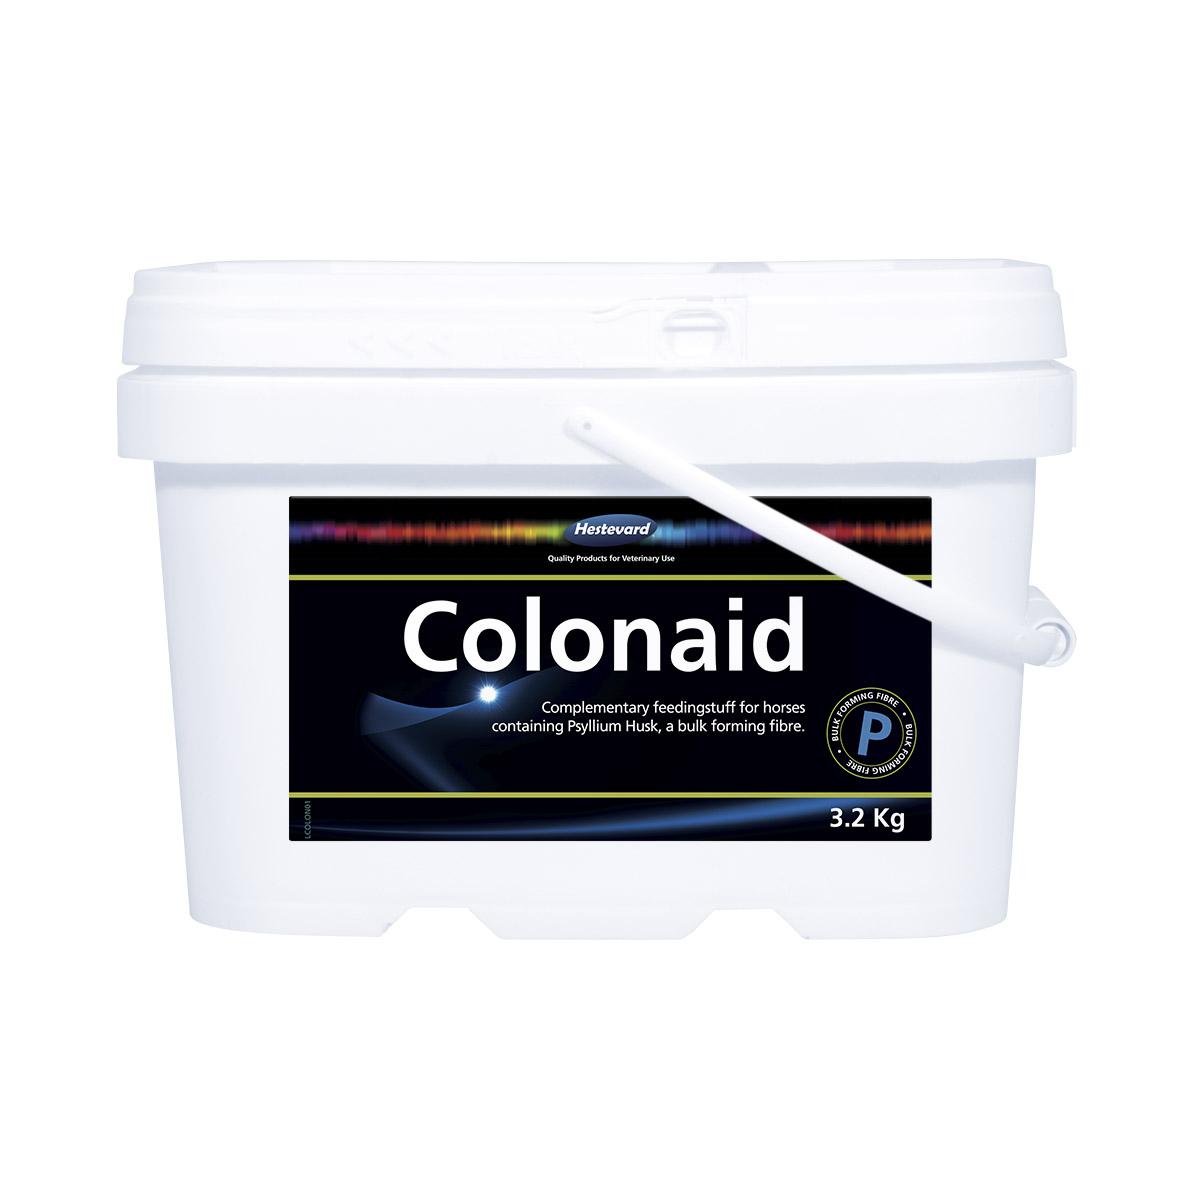 Colonaid